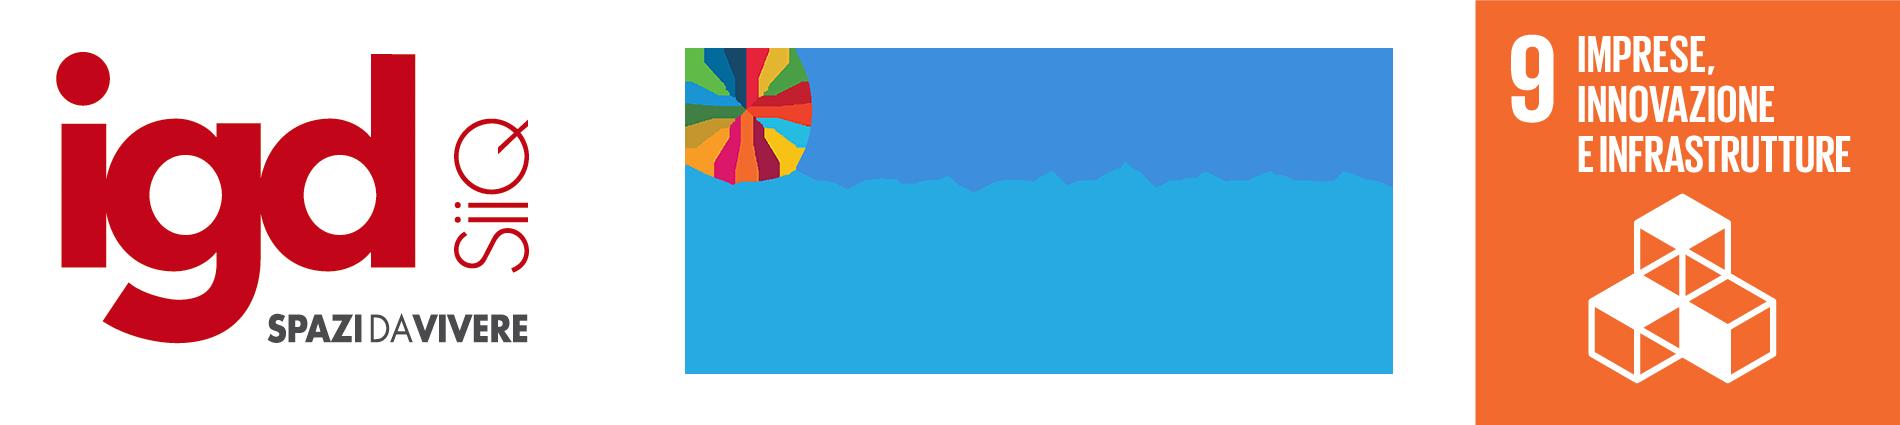 SDG_LOGO_it_9